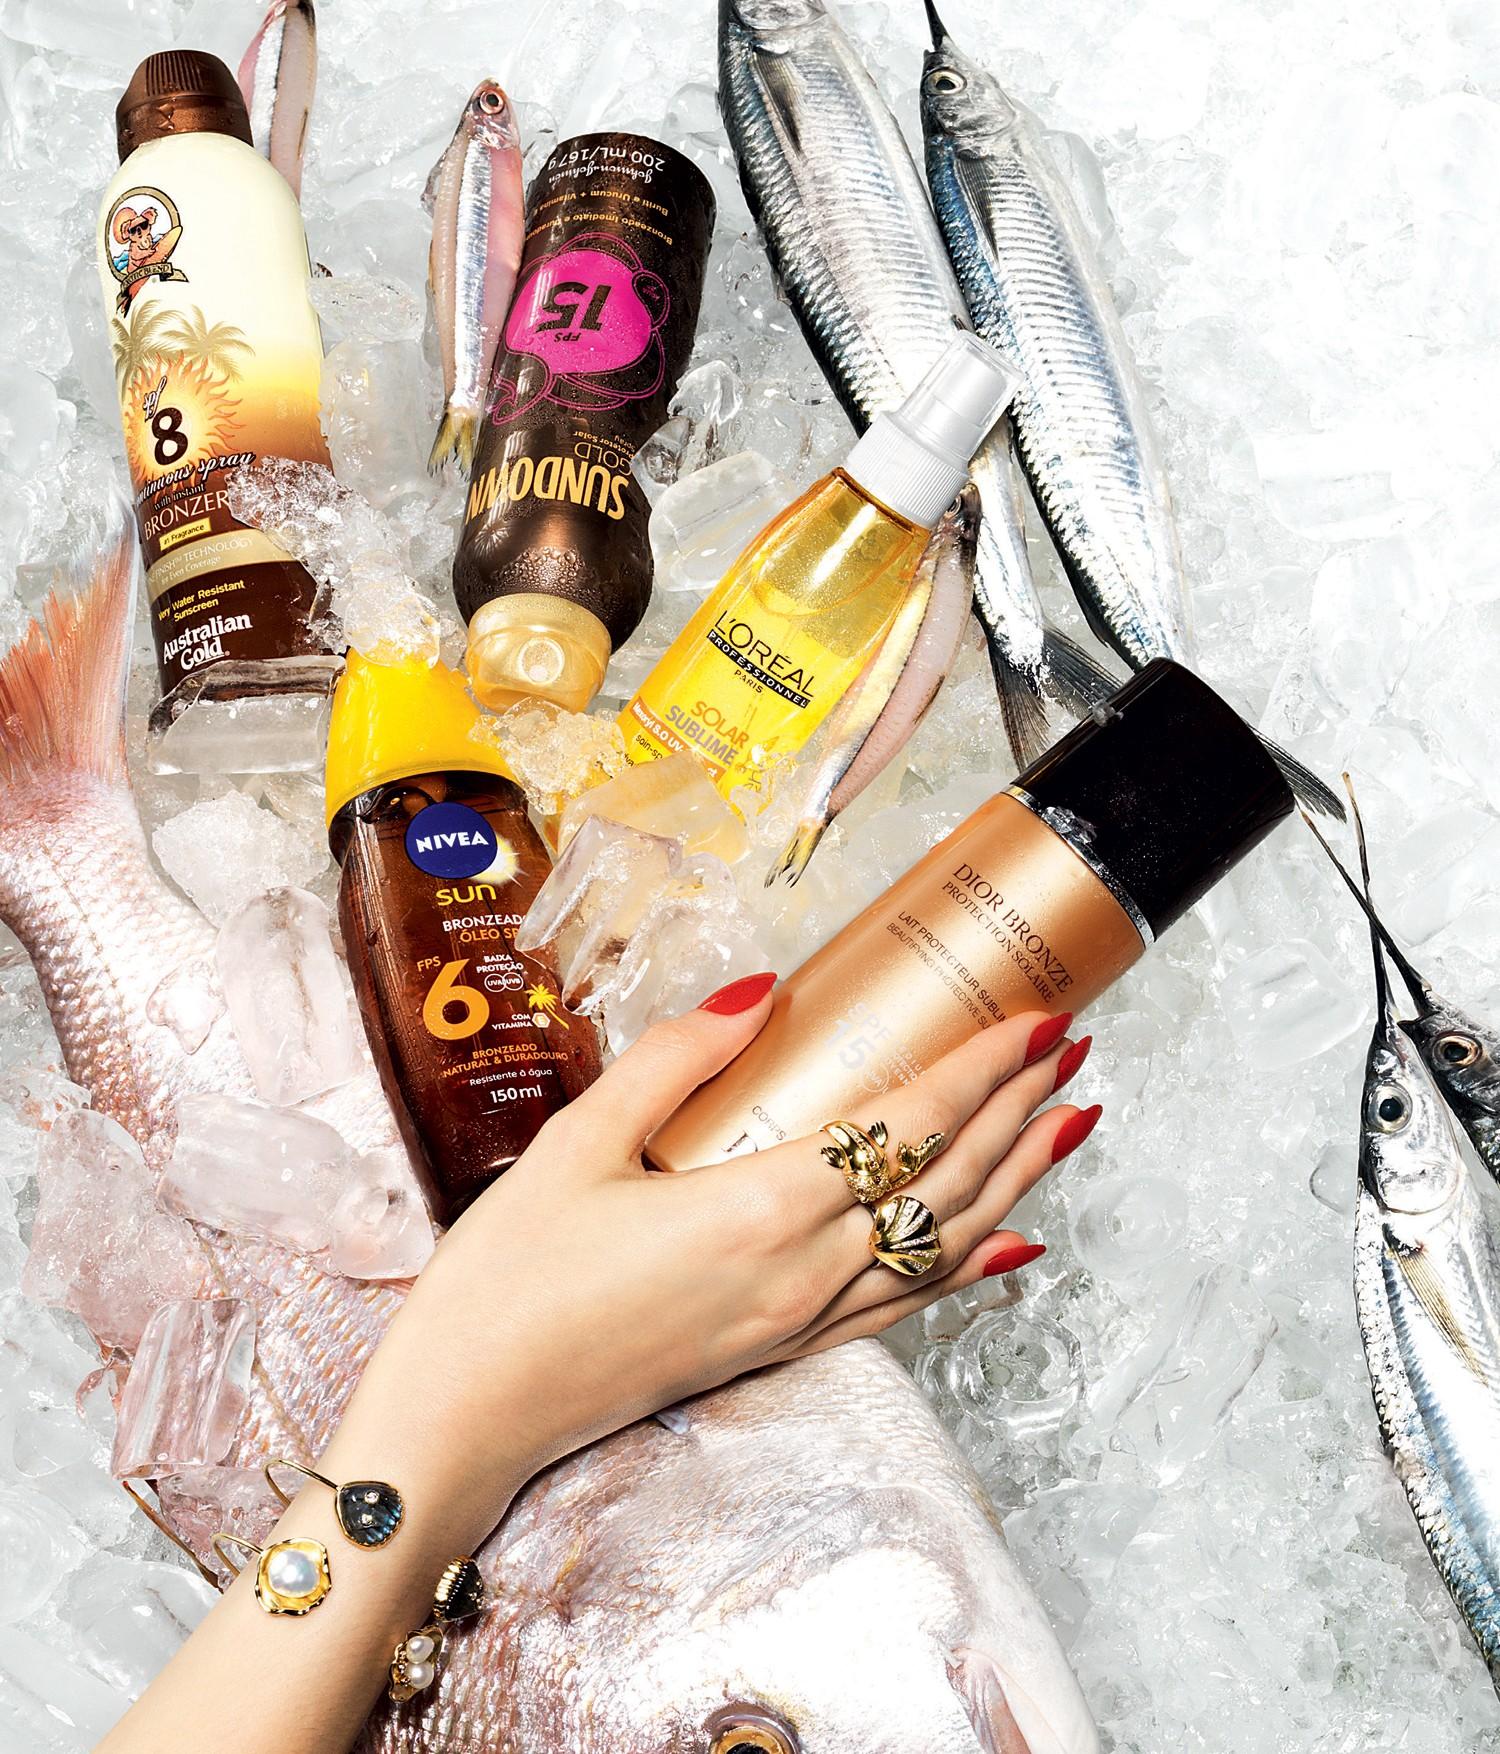 Continuous Spray with Instant Bronzer FPS 8, R$ 72, Australian Gold, Loção spray FPS 15, R$ 39, Sundown Gold, Solar Sublime Invisible Spray, R$ 95, L'Oréal Professionnel,  Bronzeador em óleo spray FPS, R$ 24, Nivea, Lait Protecteur Sublimant SPF 15, R$ 195, Dior Bronze (Foto: Marcel Valvassori)